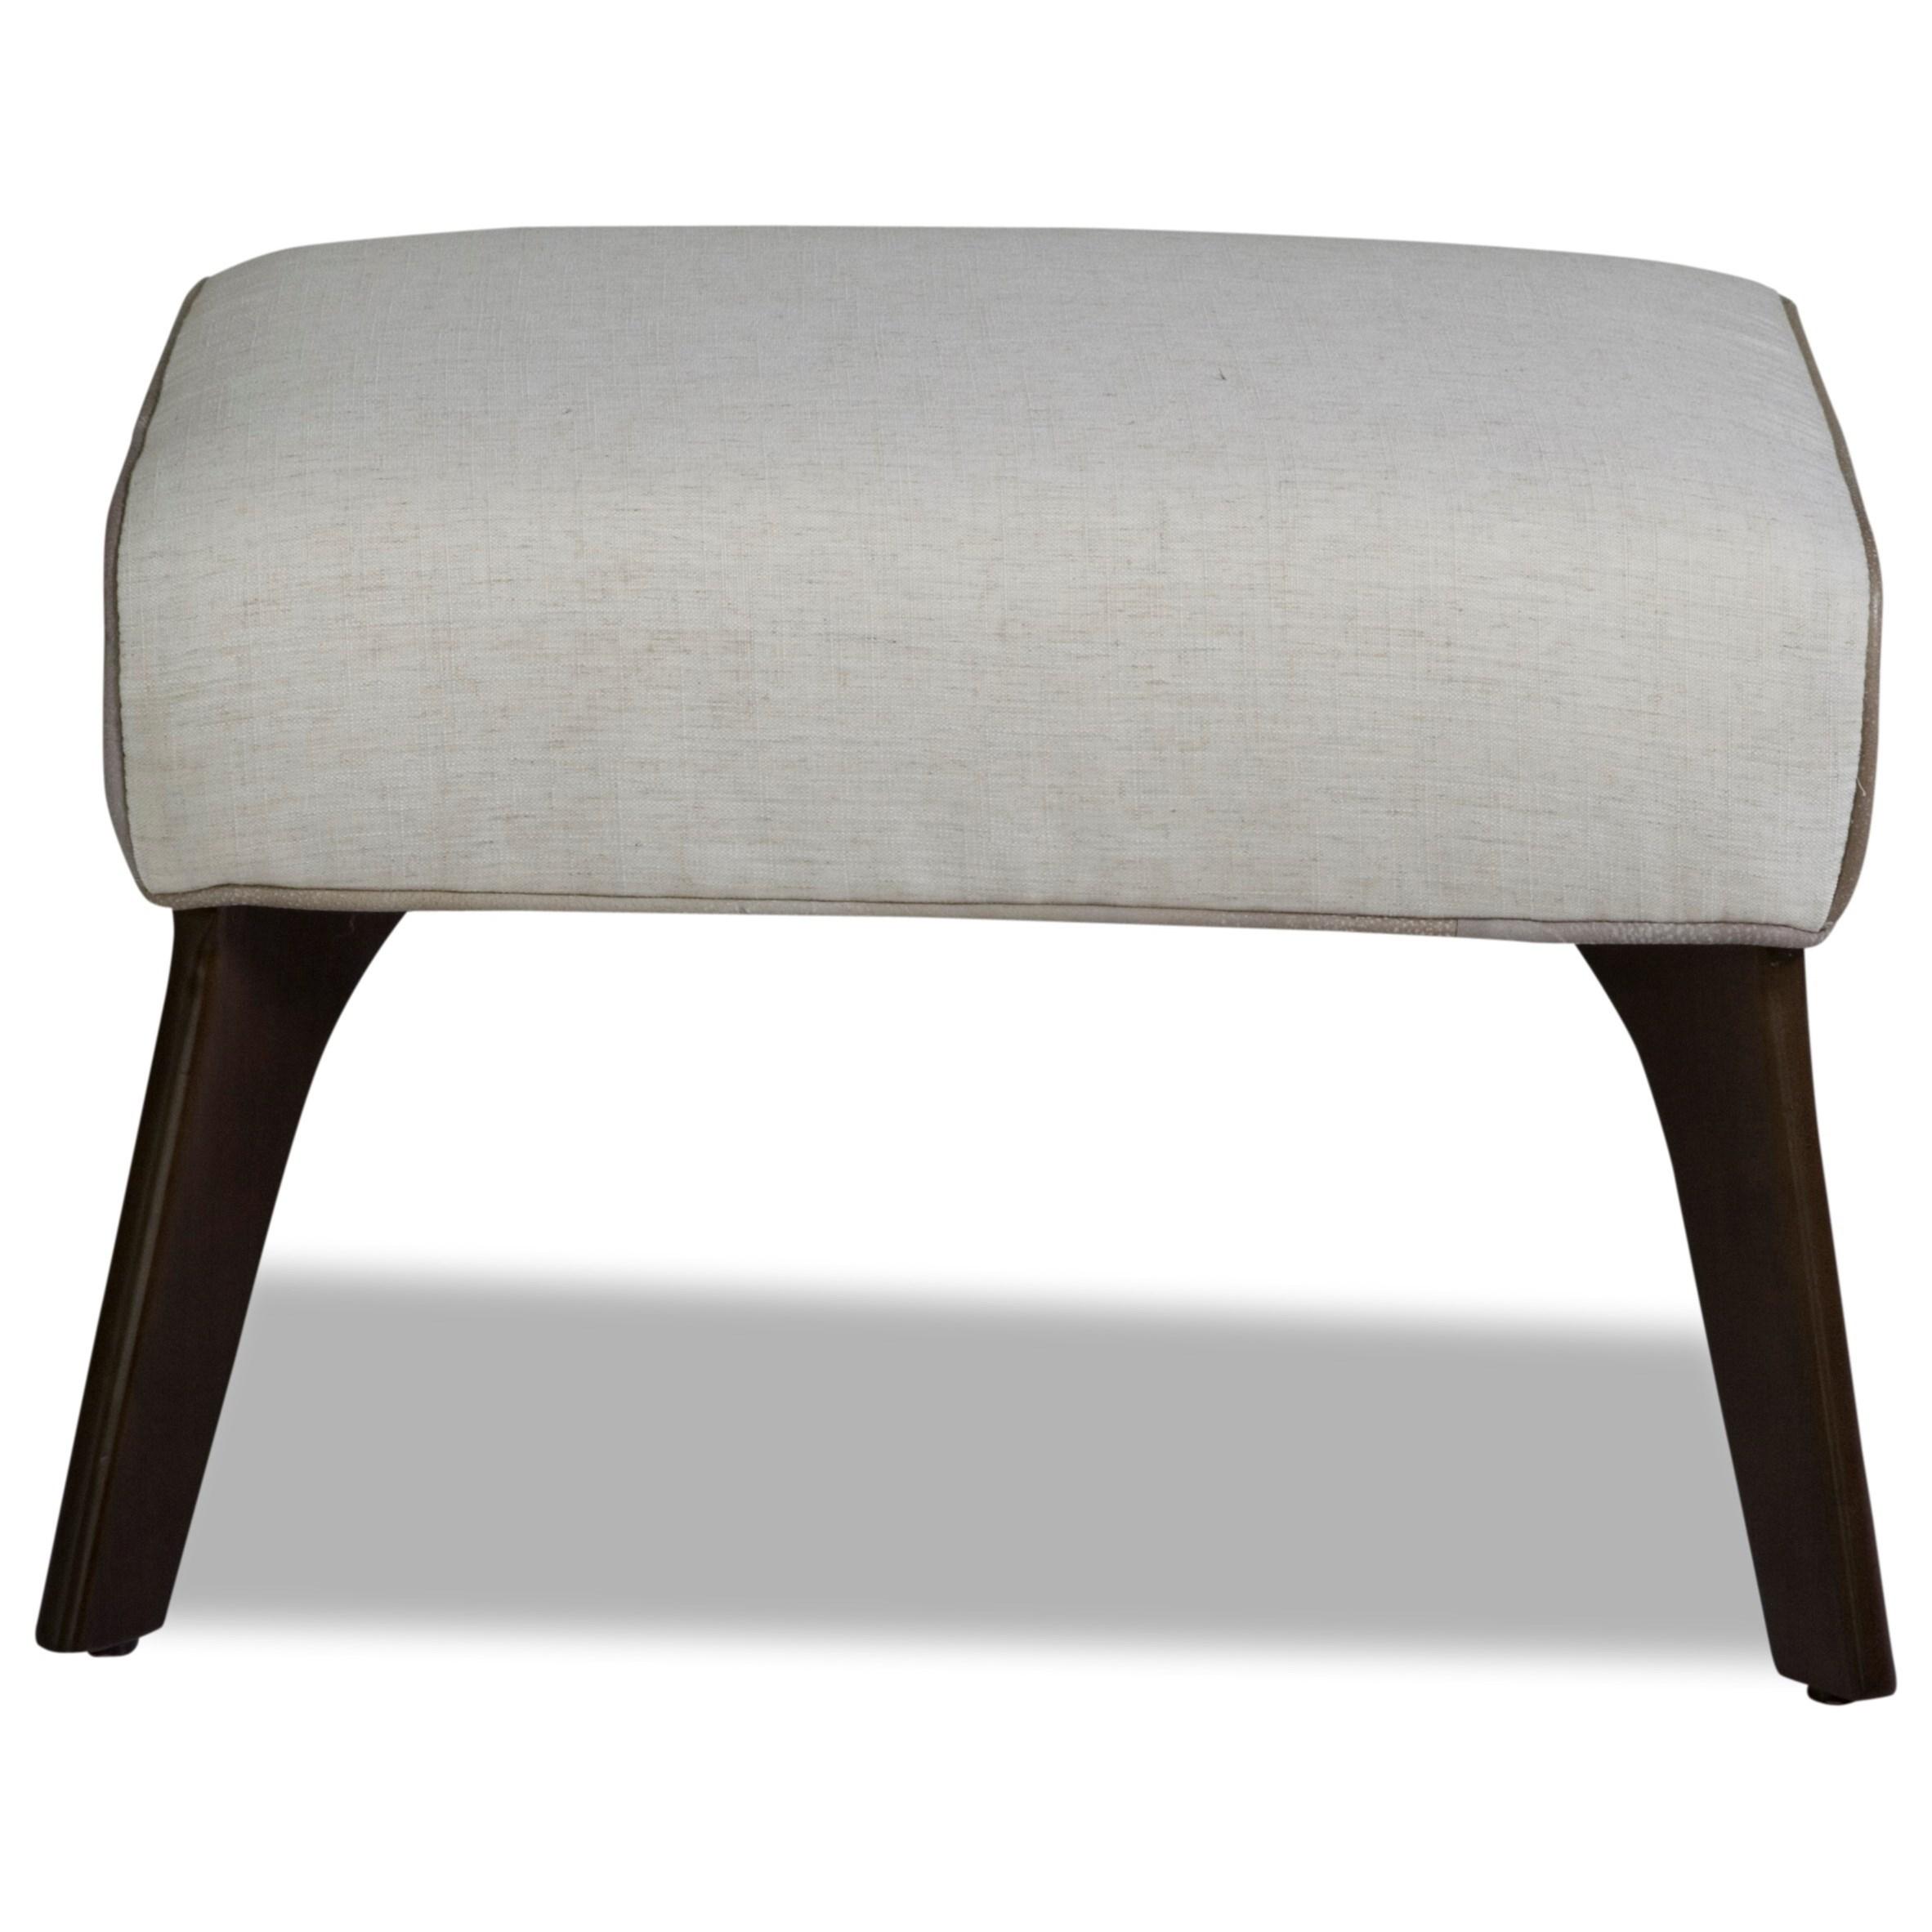 7723 Ottoman by Geoffrey Alexander at Sprintz Furniture